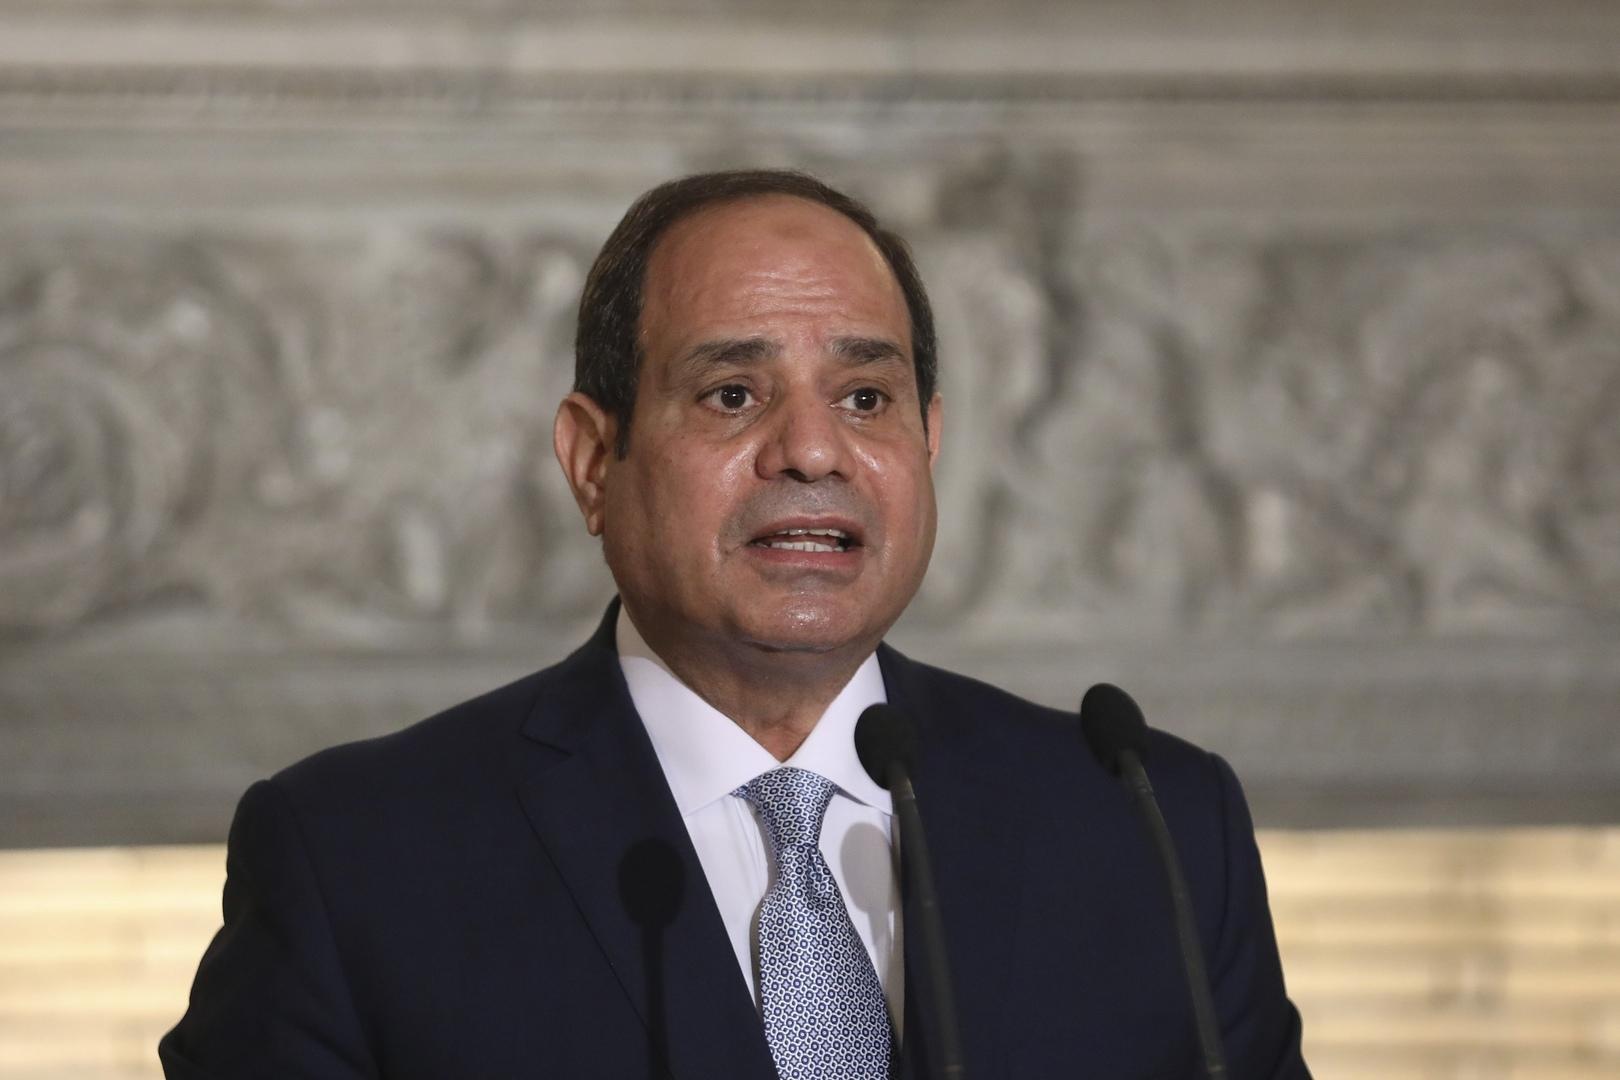 السيسي: المشير طنطاوي بريء من أي دماء شهدتها مصر خلال فترة المجلس العسكري